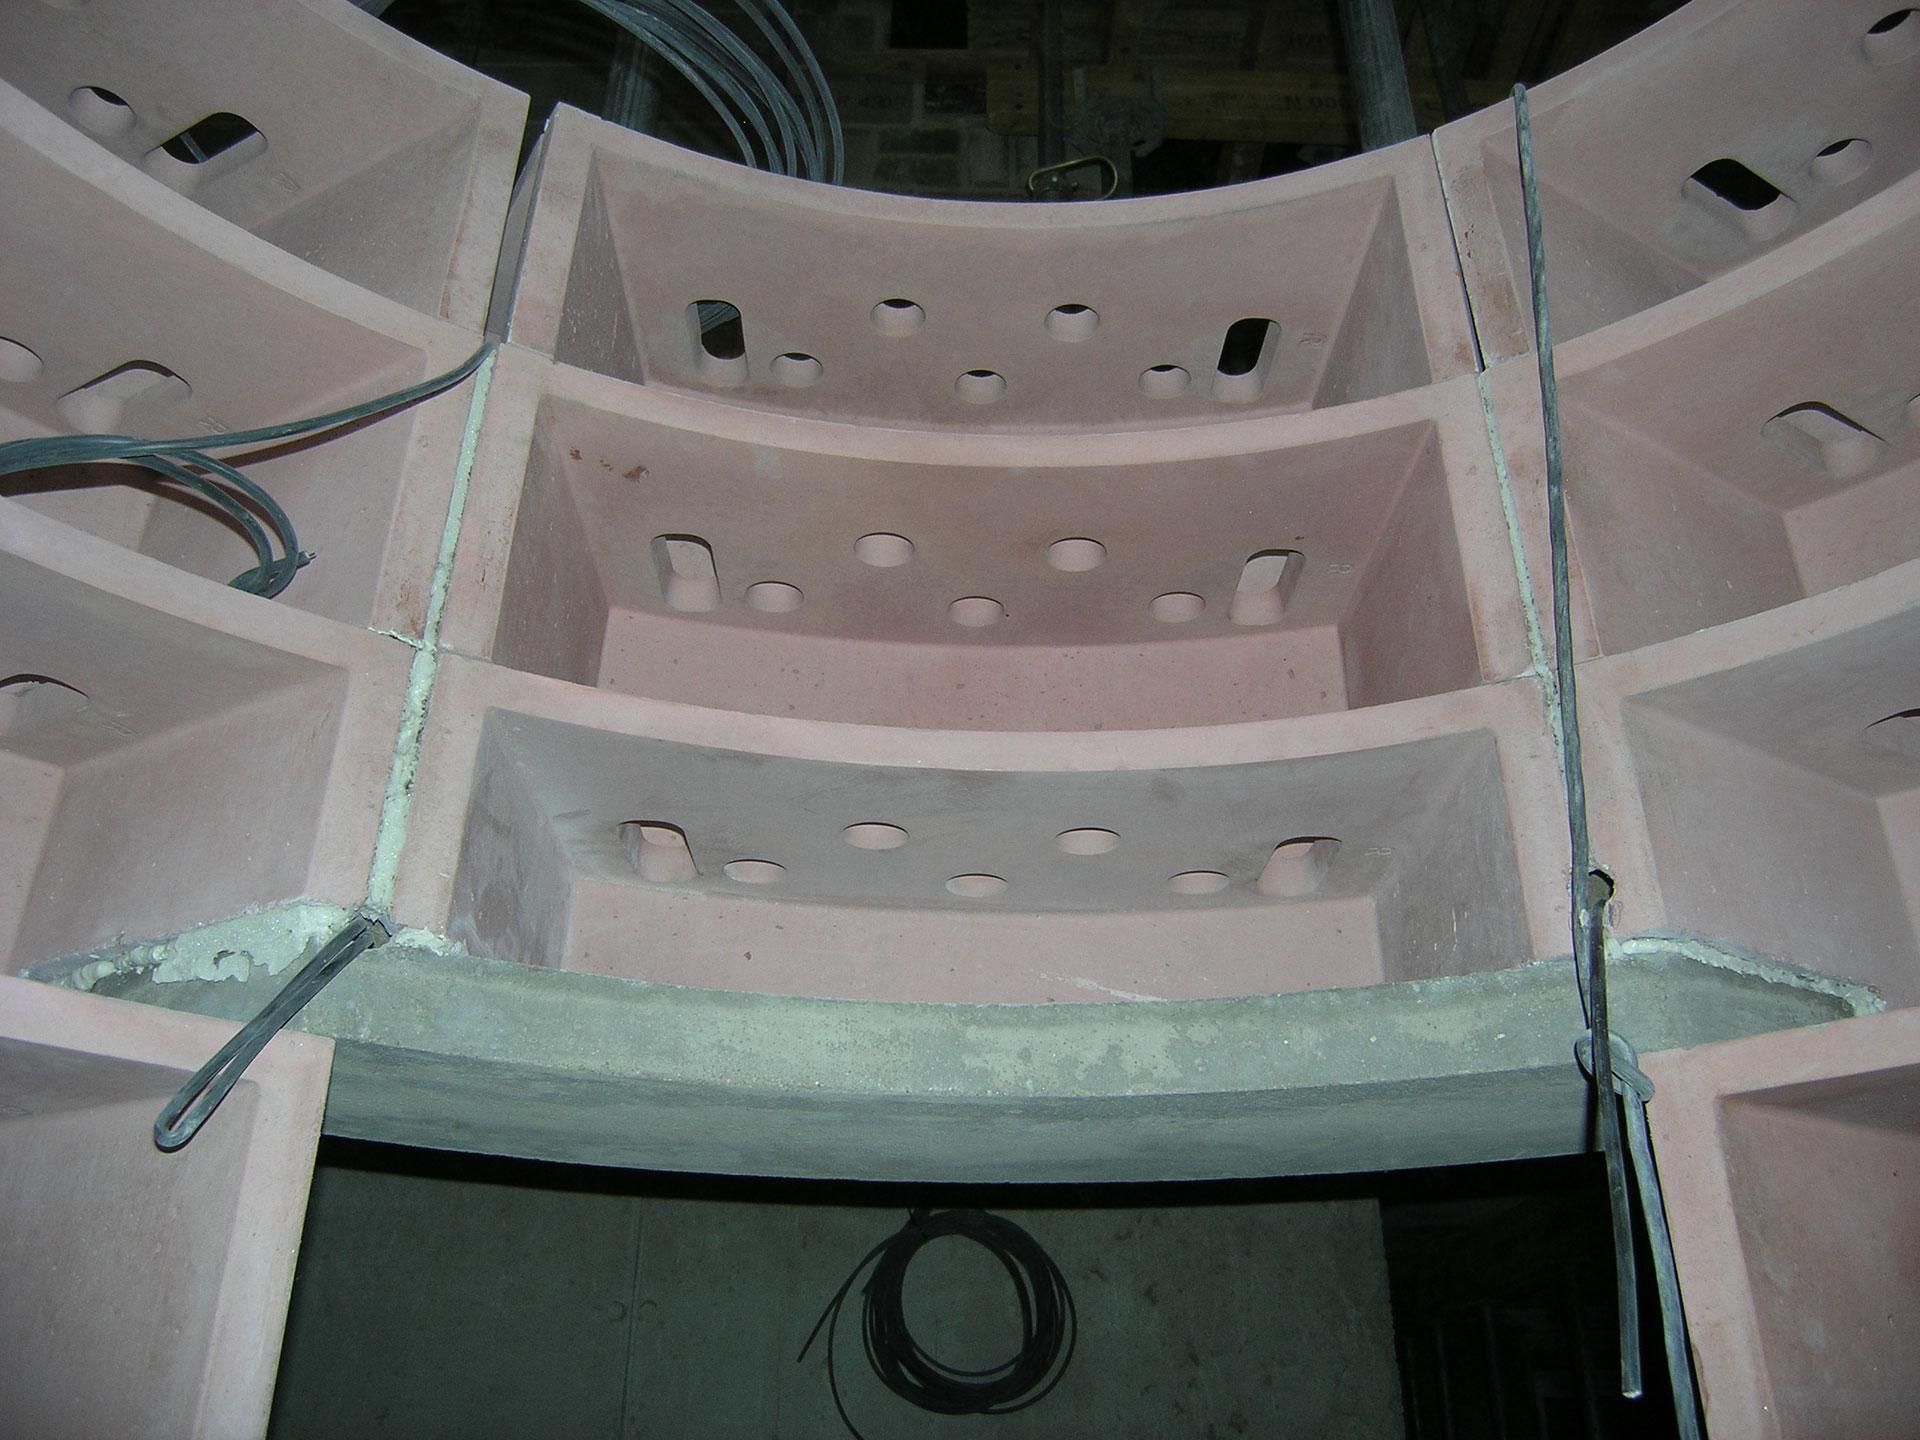 ... Einbau In Den Keller Eines Hauses Bild #4 ...